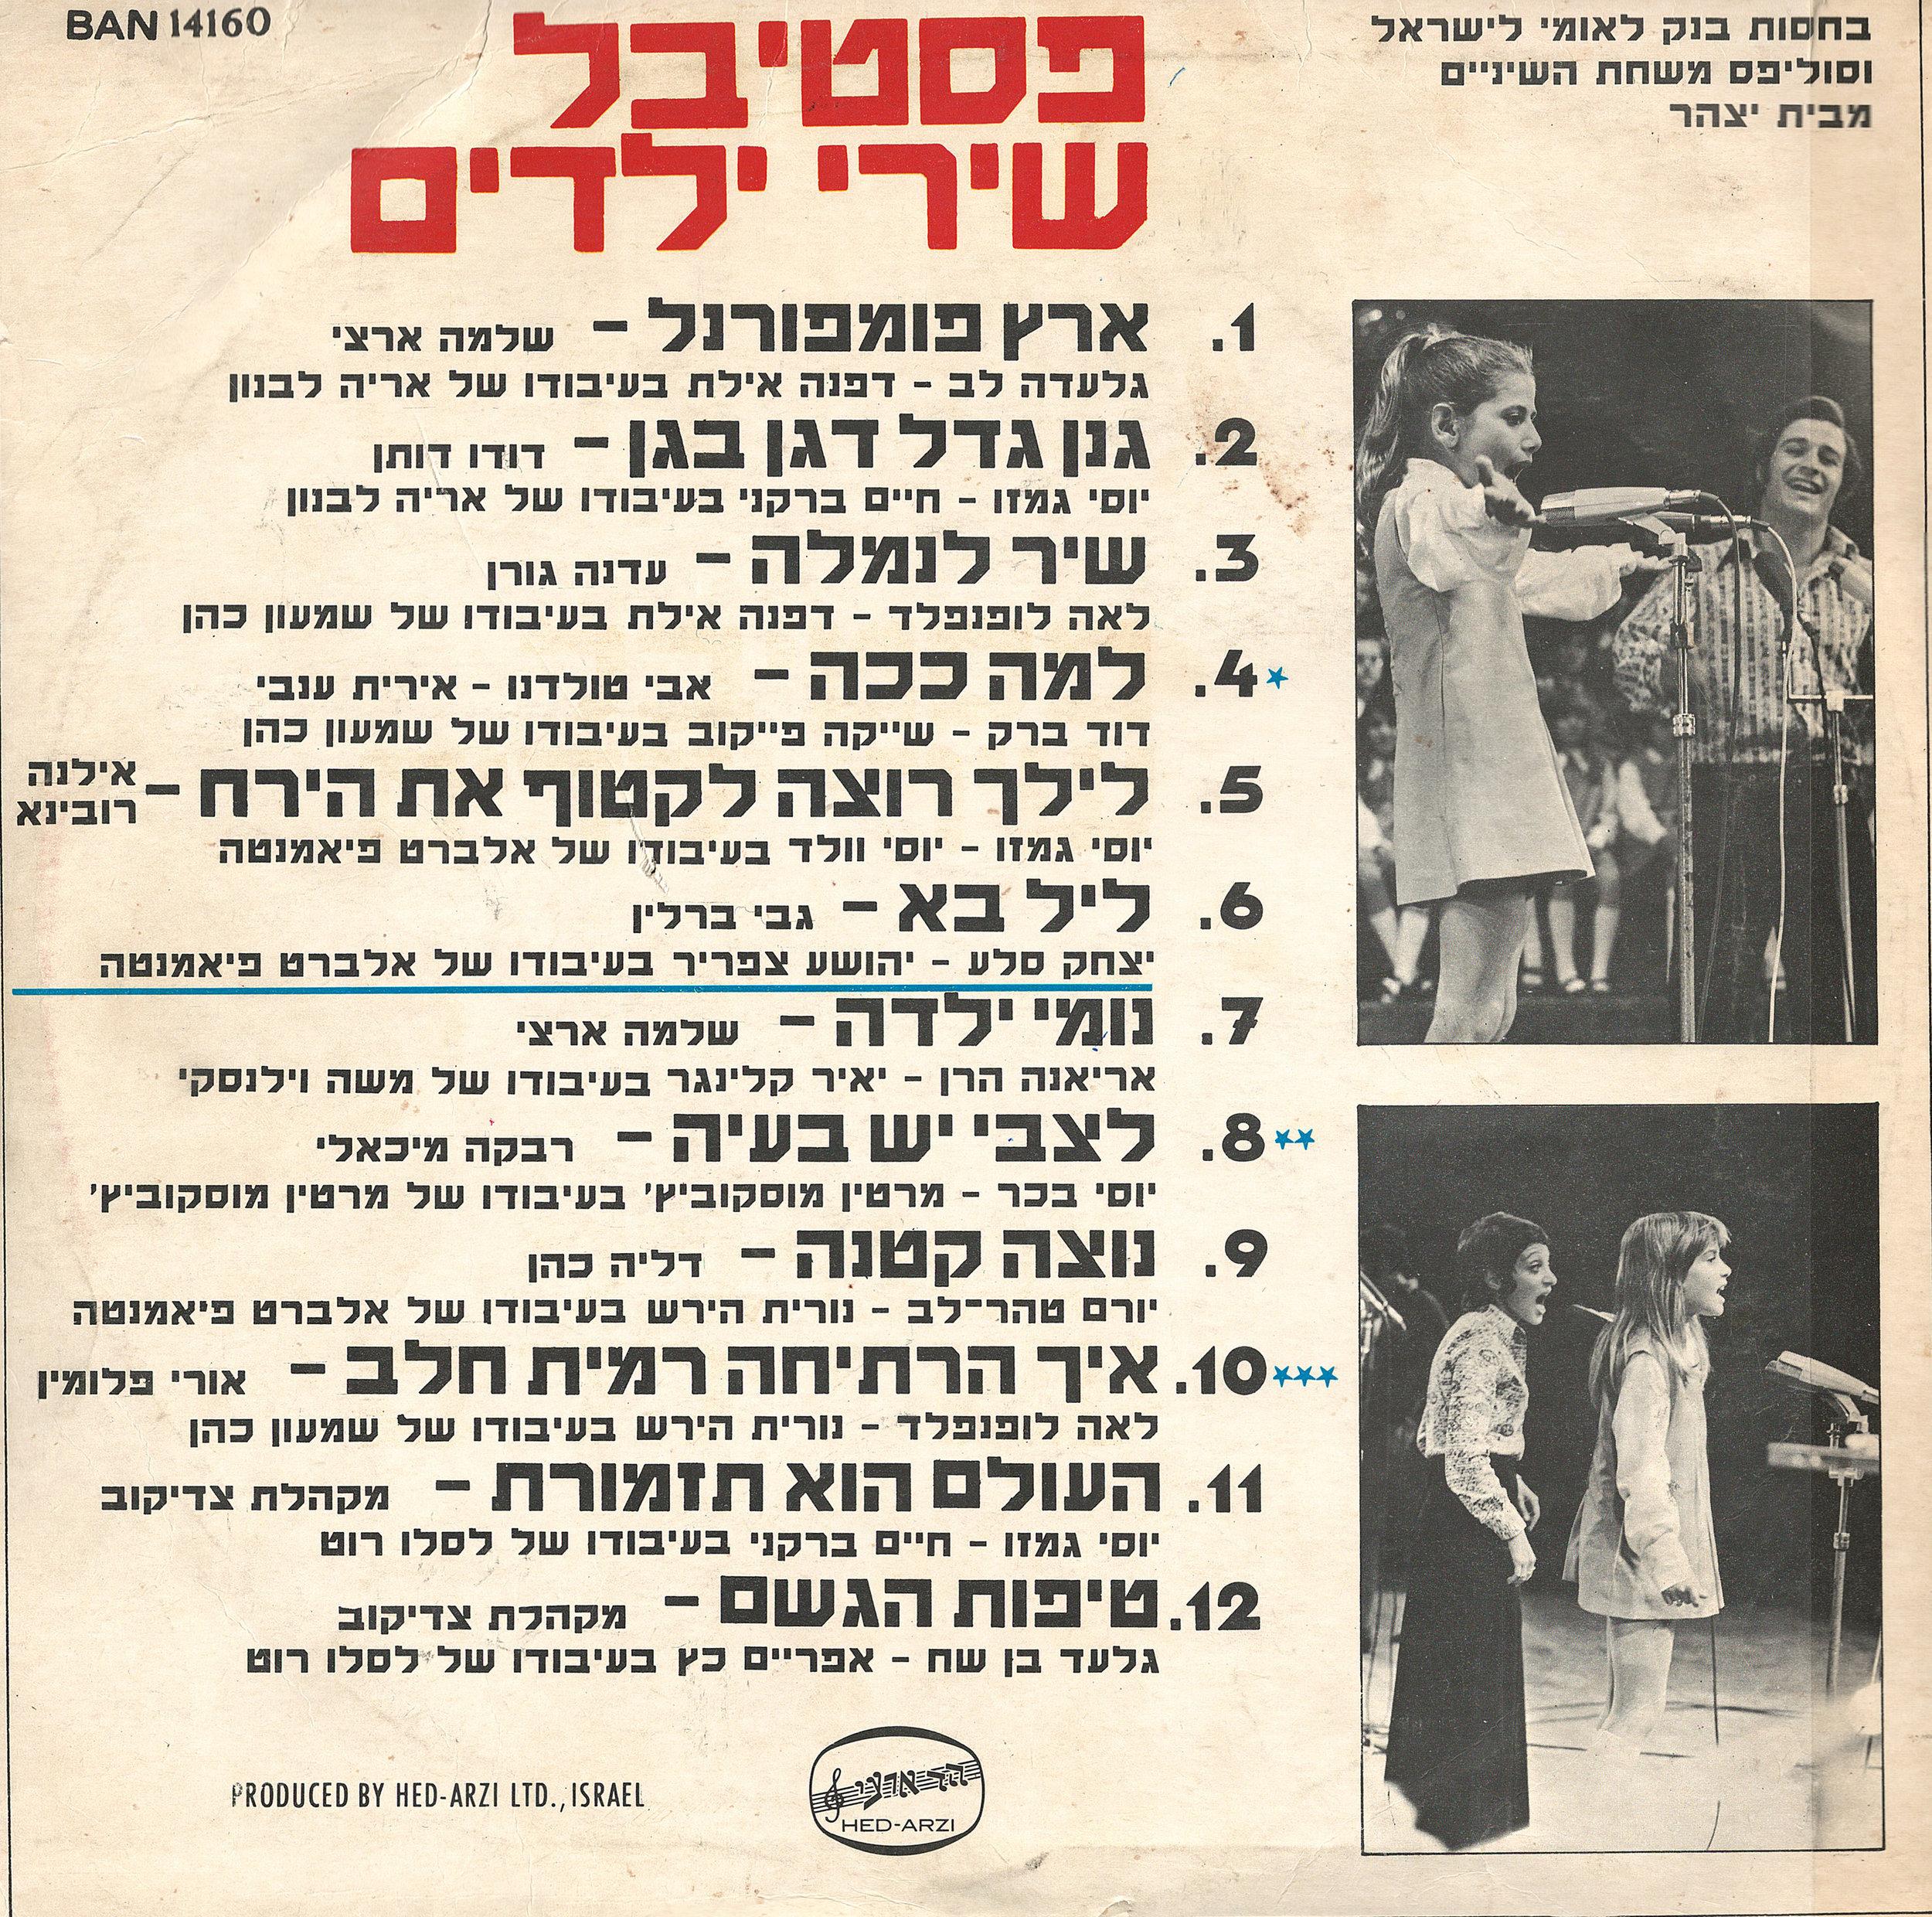 ISRAELI_RECORD_2_B.jpg